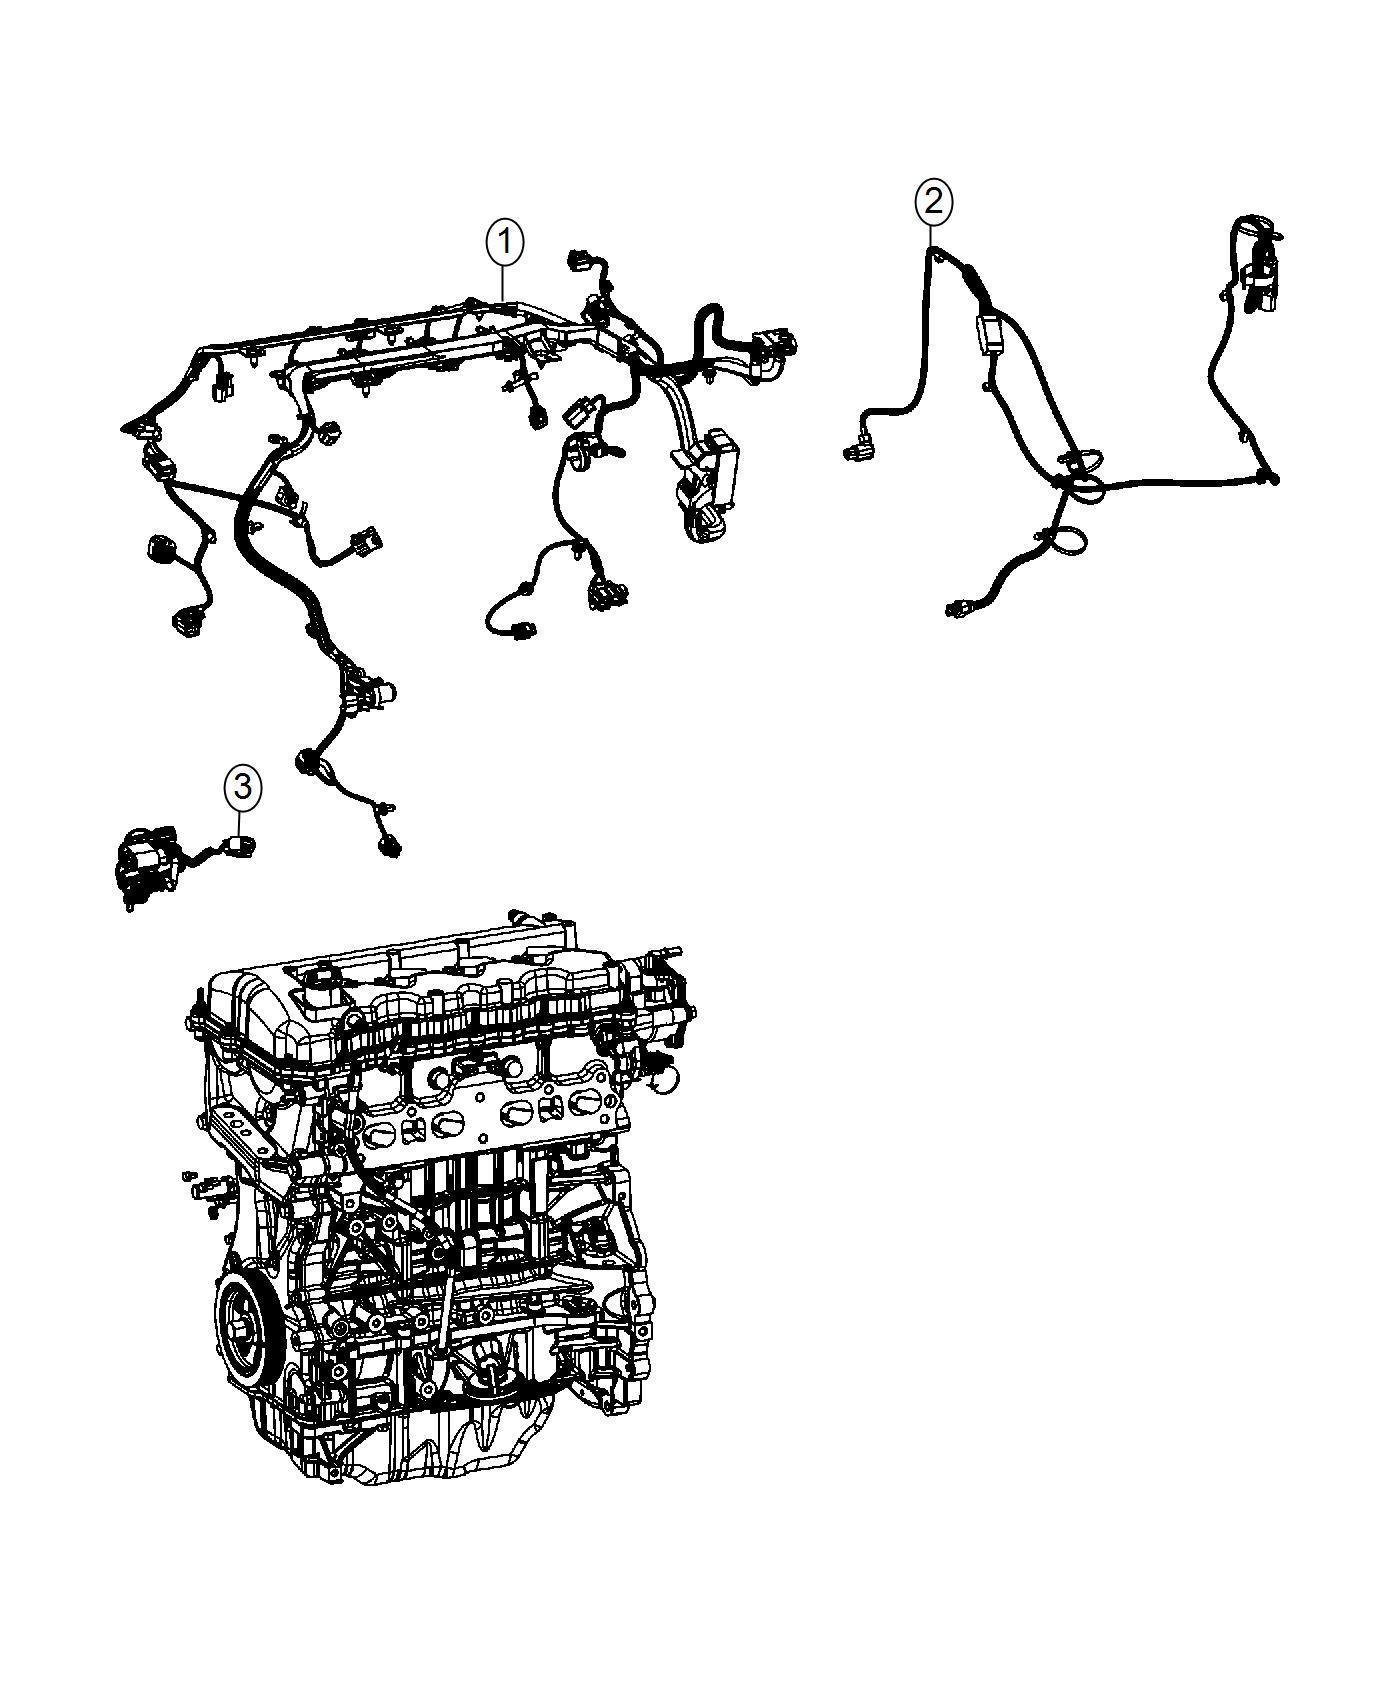 2016 Dodge Dart Wiring. Engine. [heater w/instrument pnl